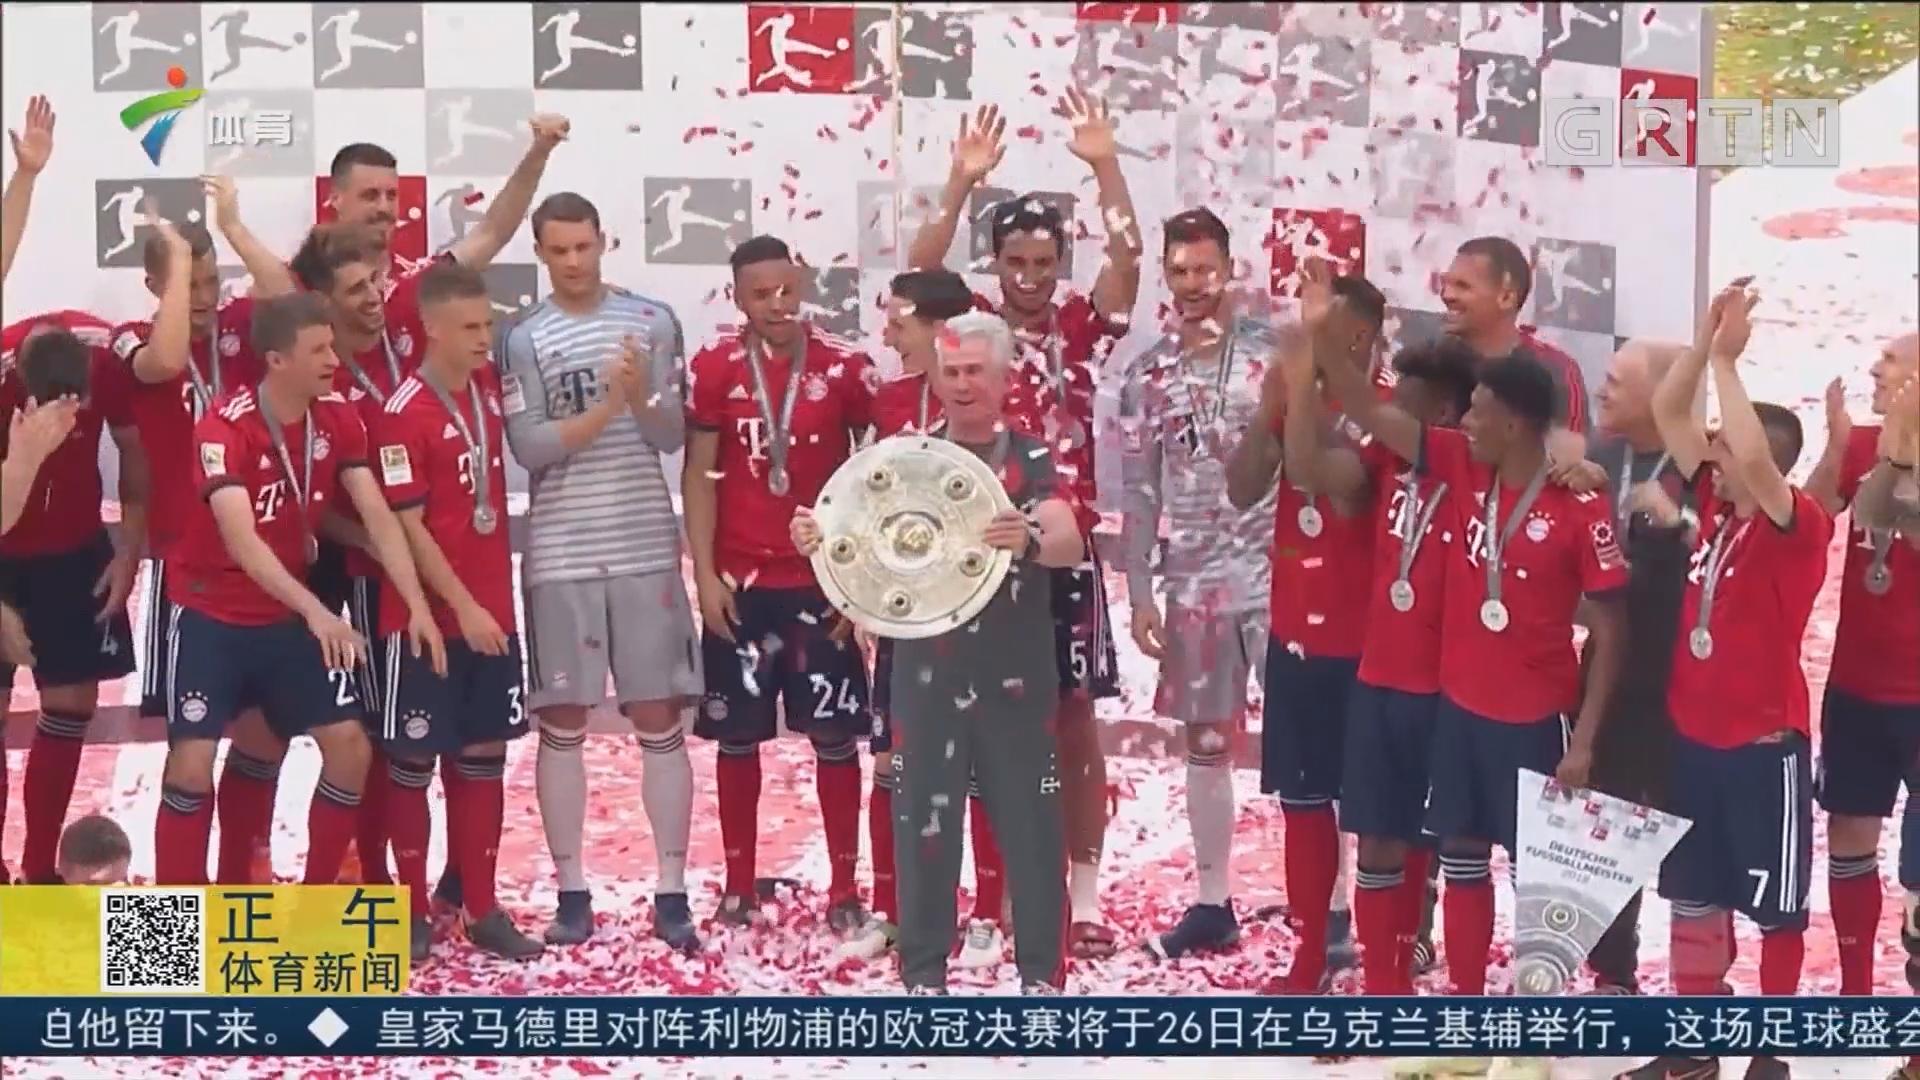 拜仁德甲夺冠 汉堡降级 霍芬海姆征战欧冠